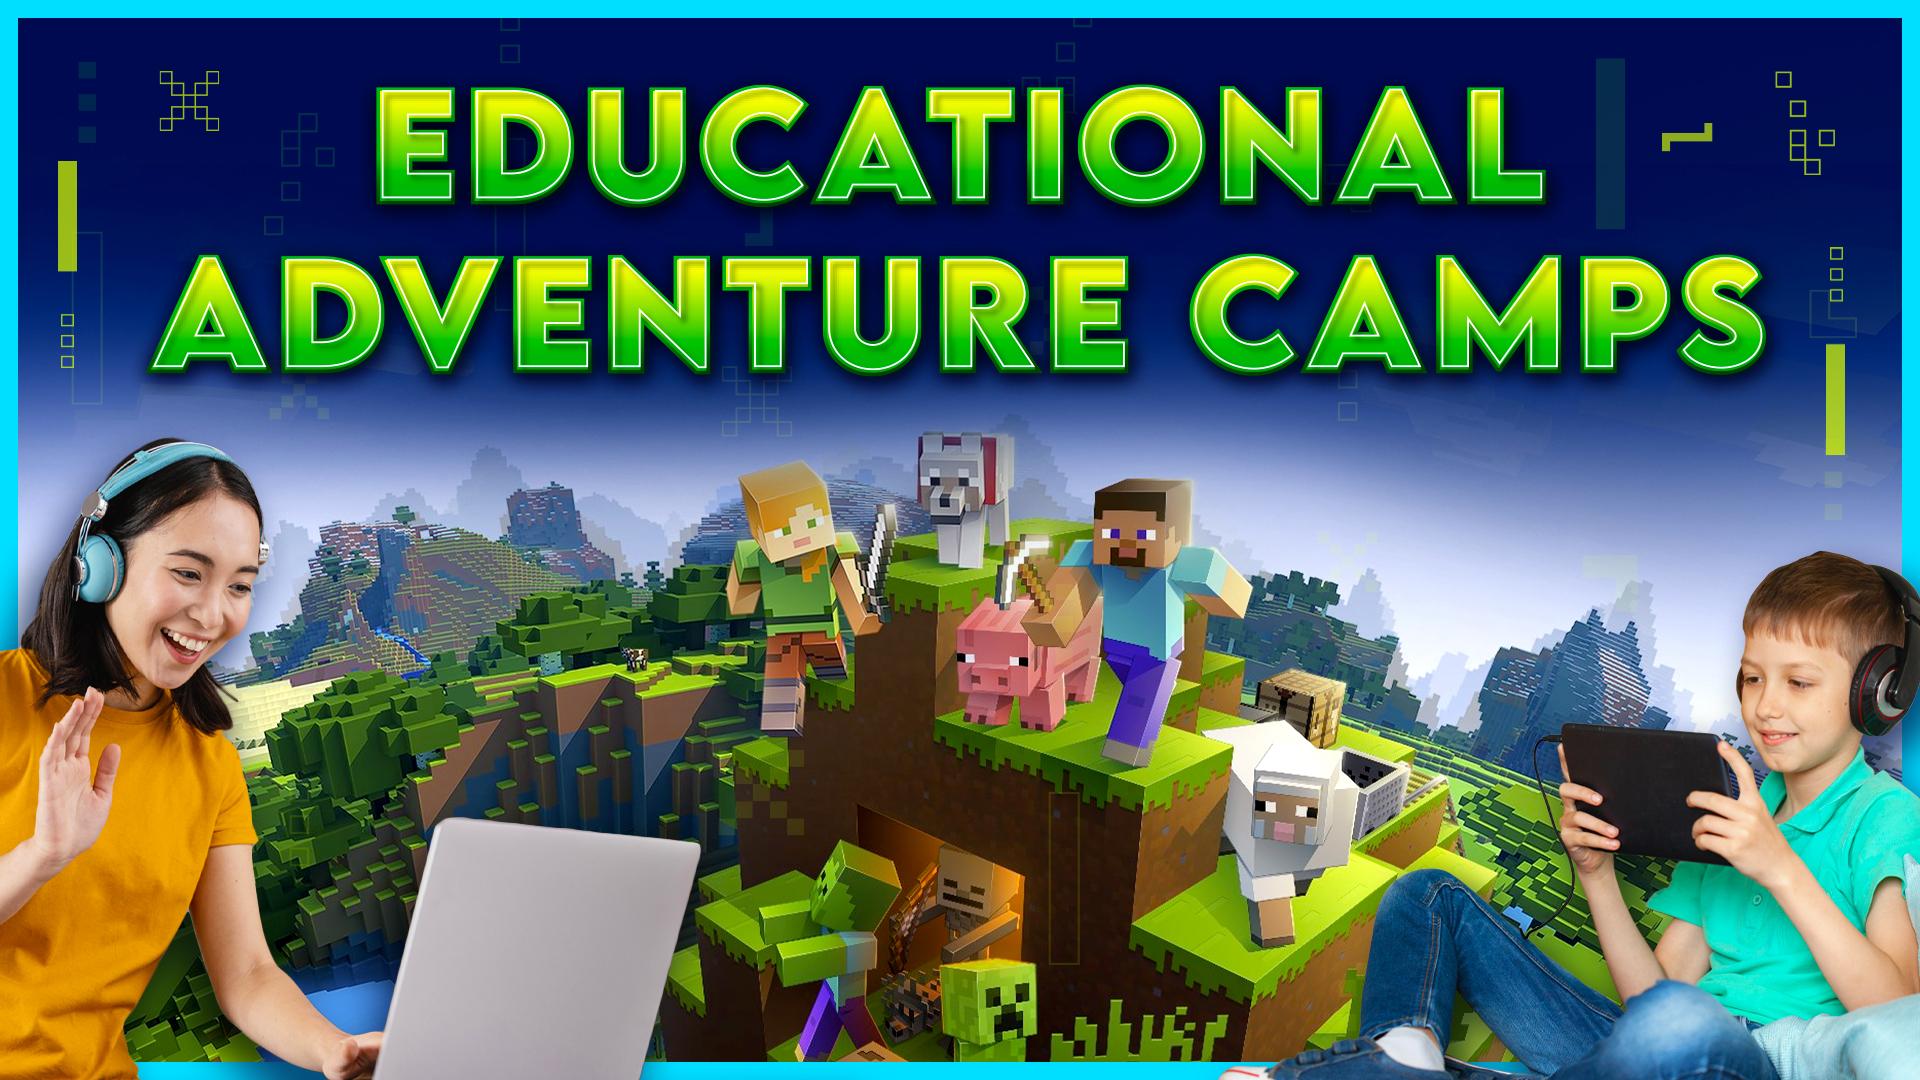 Education Focused Adventure Camps